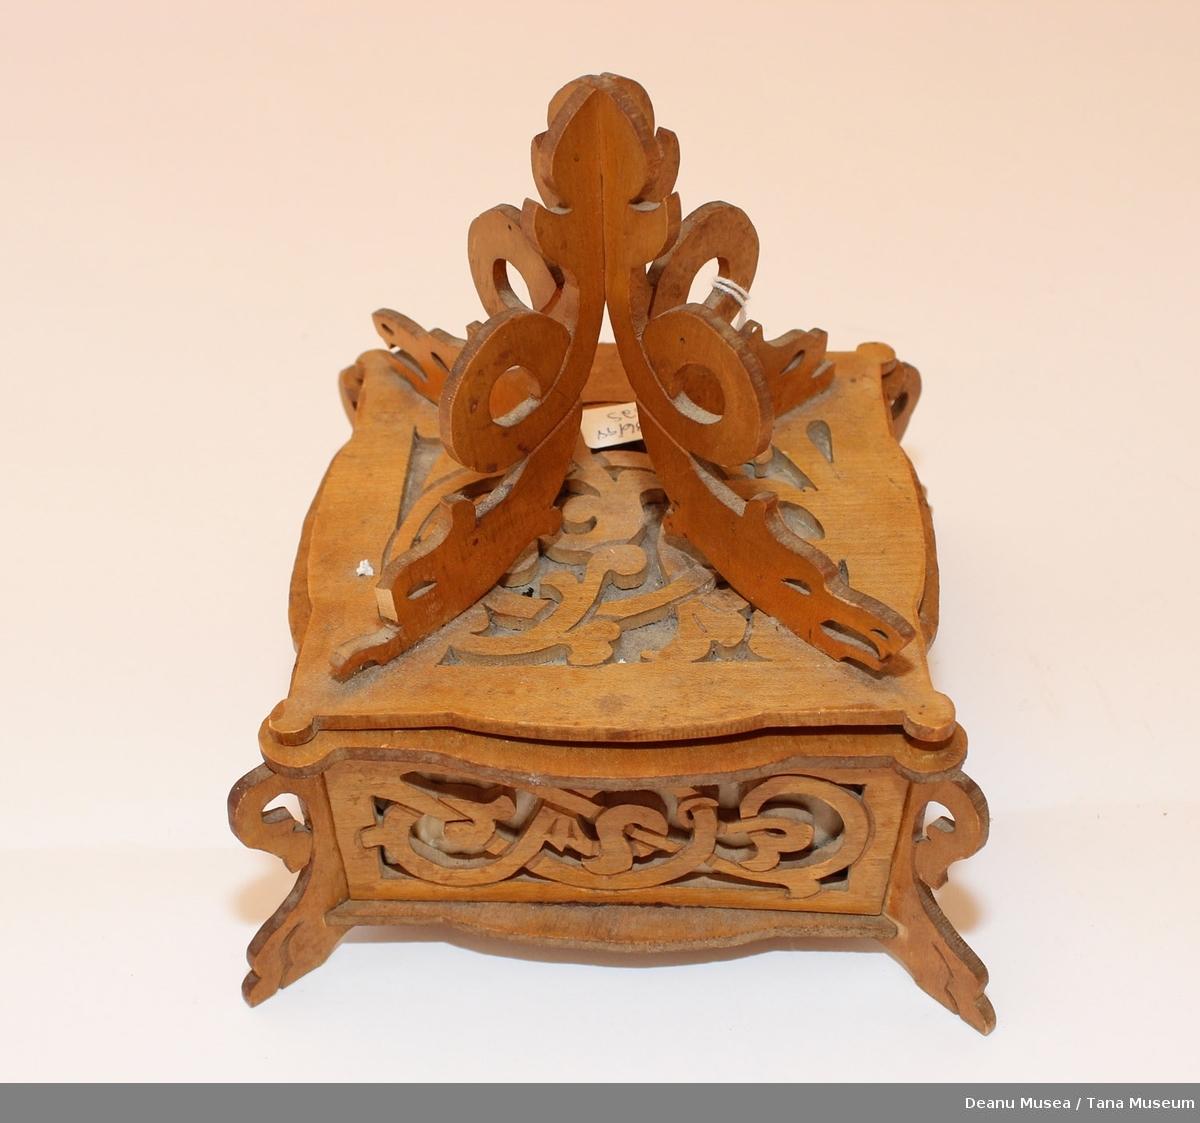 En smykkekiste i tre med puter i. 4 drageutskjæringer på toppen. Kanten har også utskjæringer.